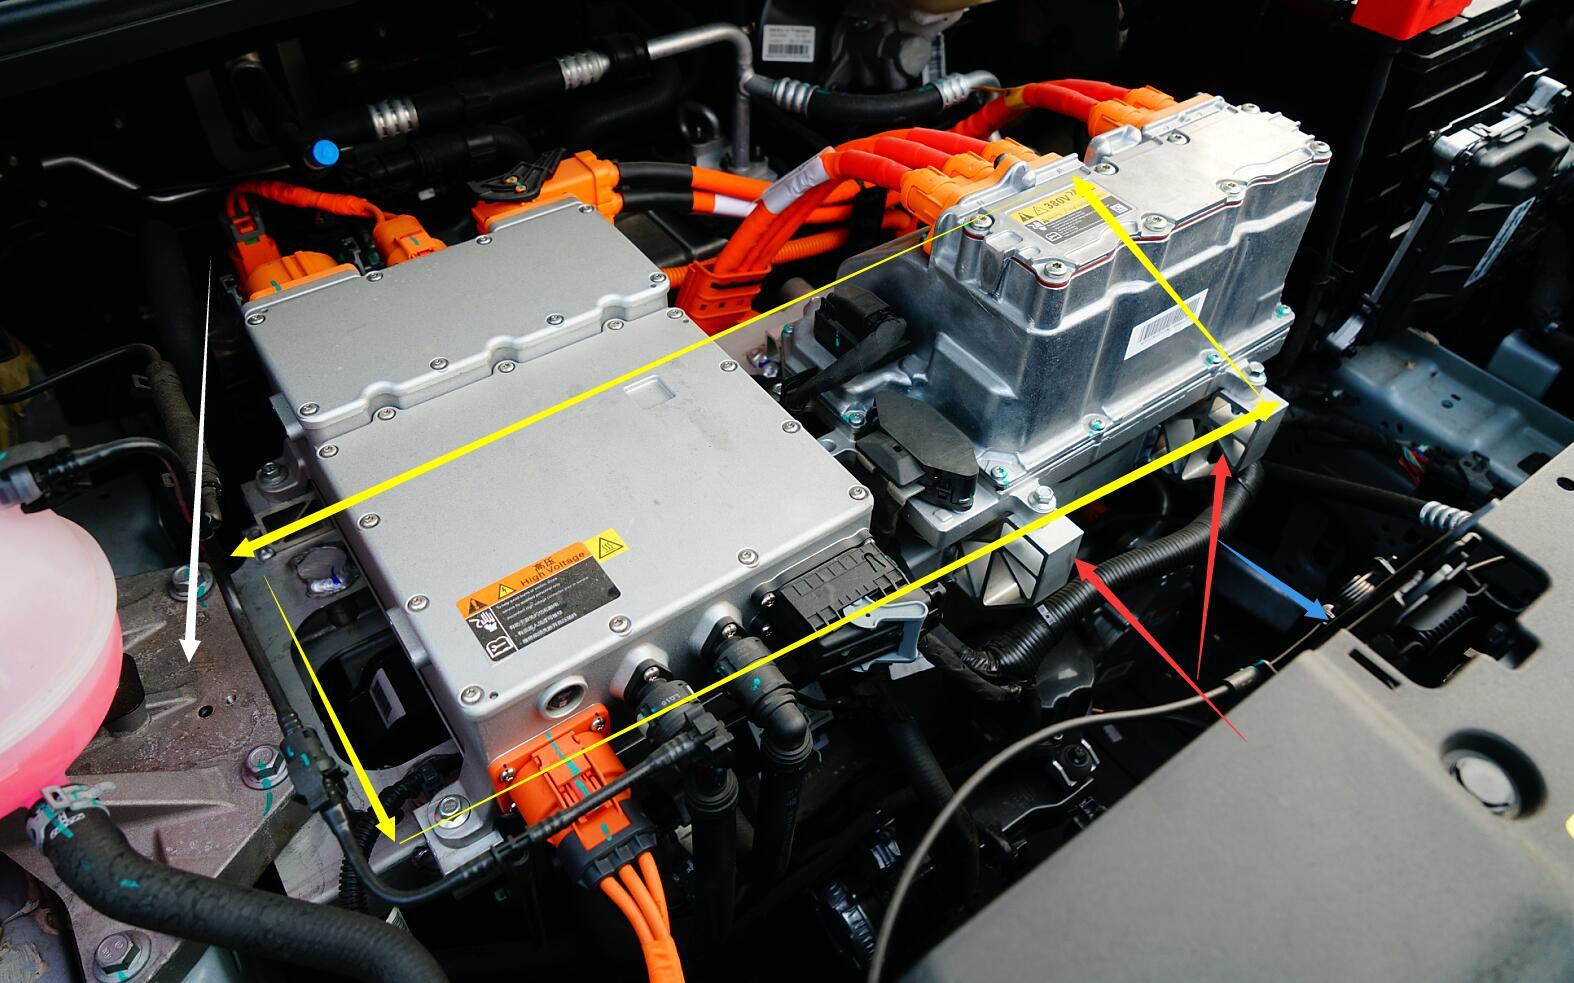 宋楠:深度解析吉利帝豪GSe电动汽车核心技术亮点